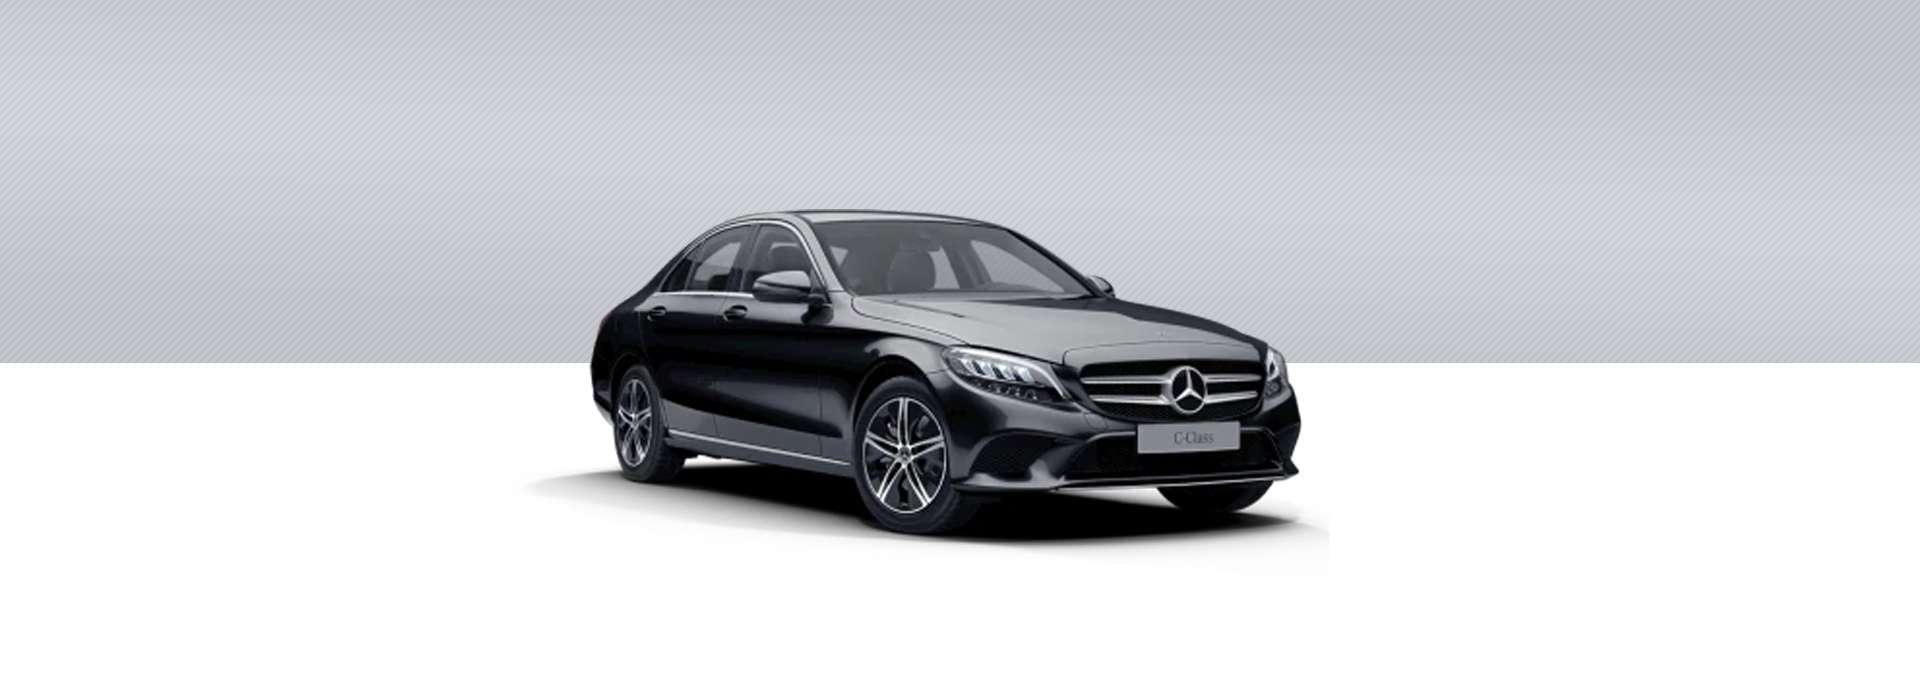 Mercedes Benz CLASE C BERLINA